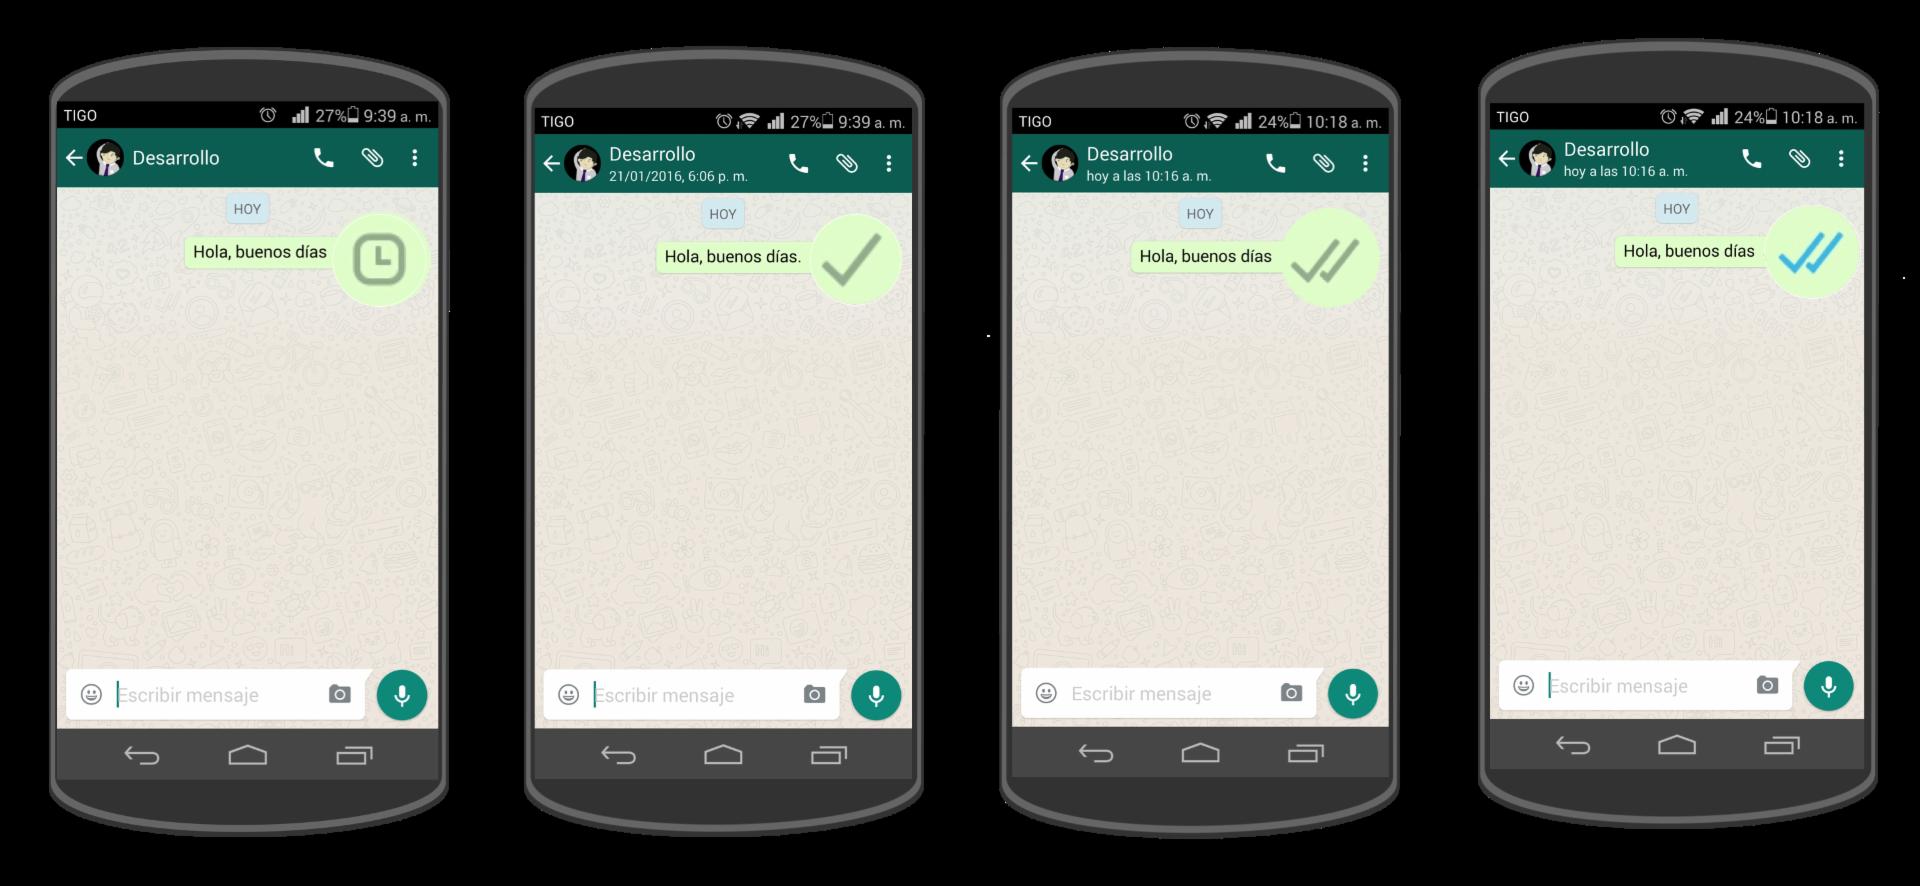 Las diferentes notificaciones que puedes observar al enviar un mensaje.